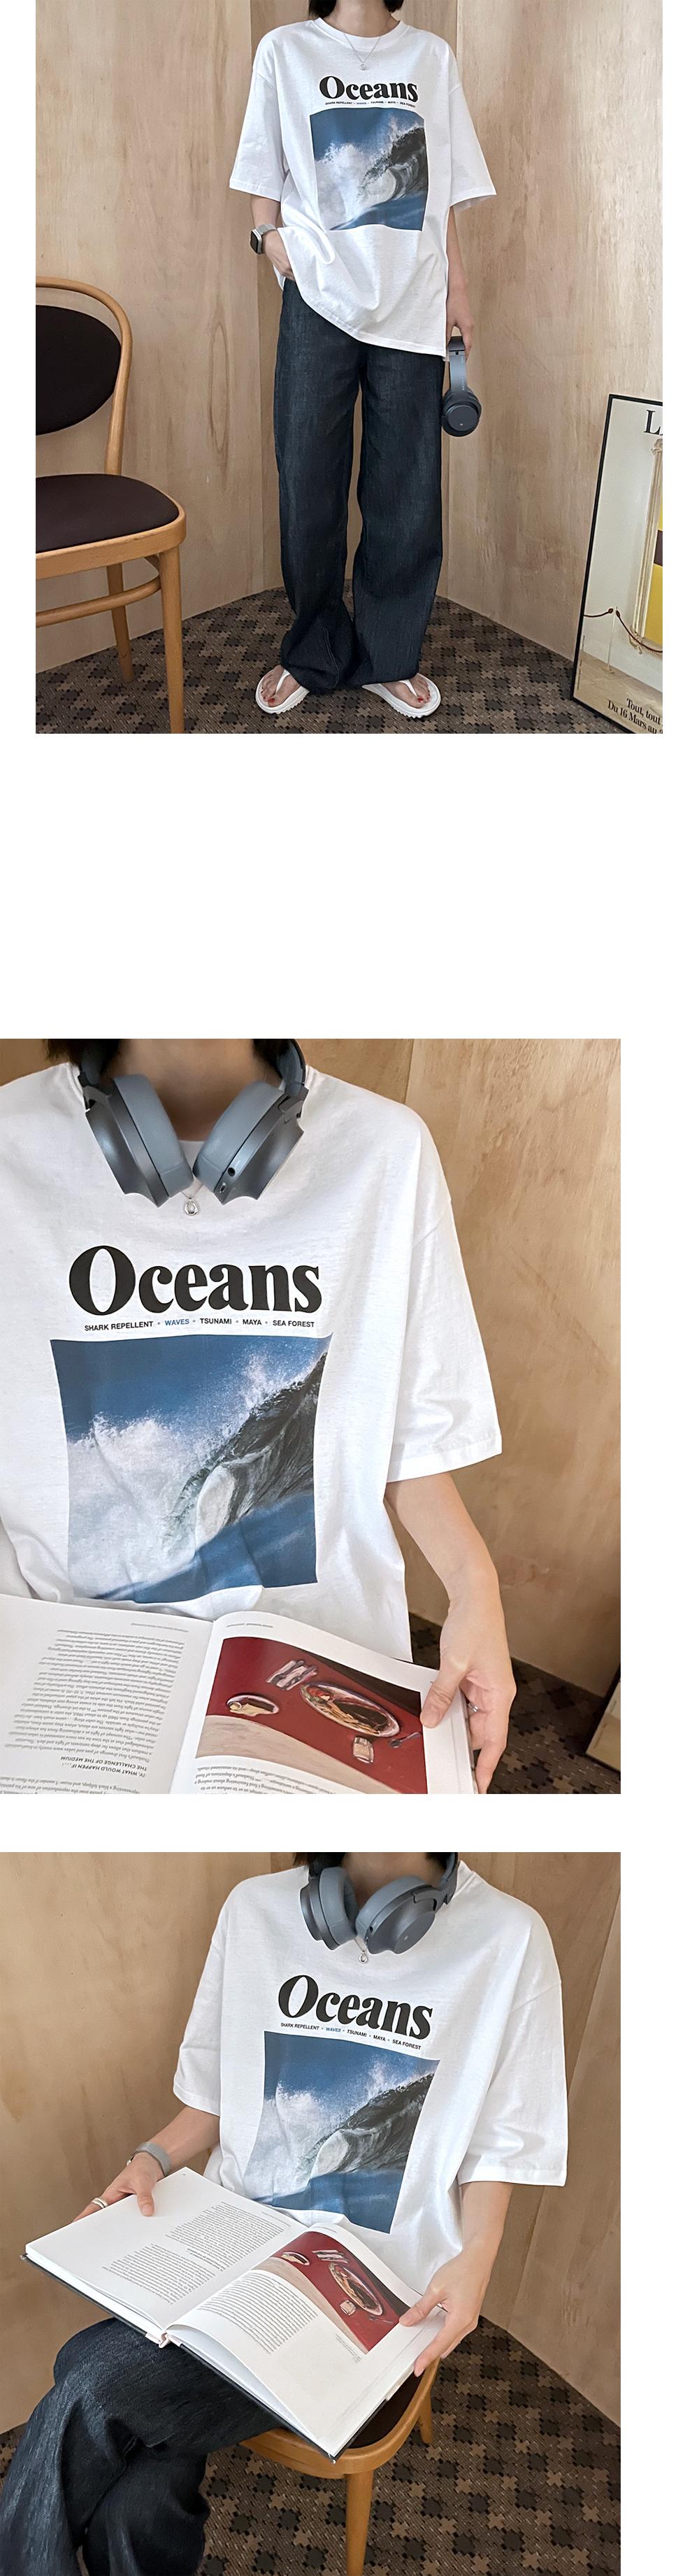 Ocean Vintage Printing Short Sleeve Tee